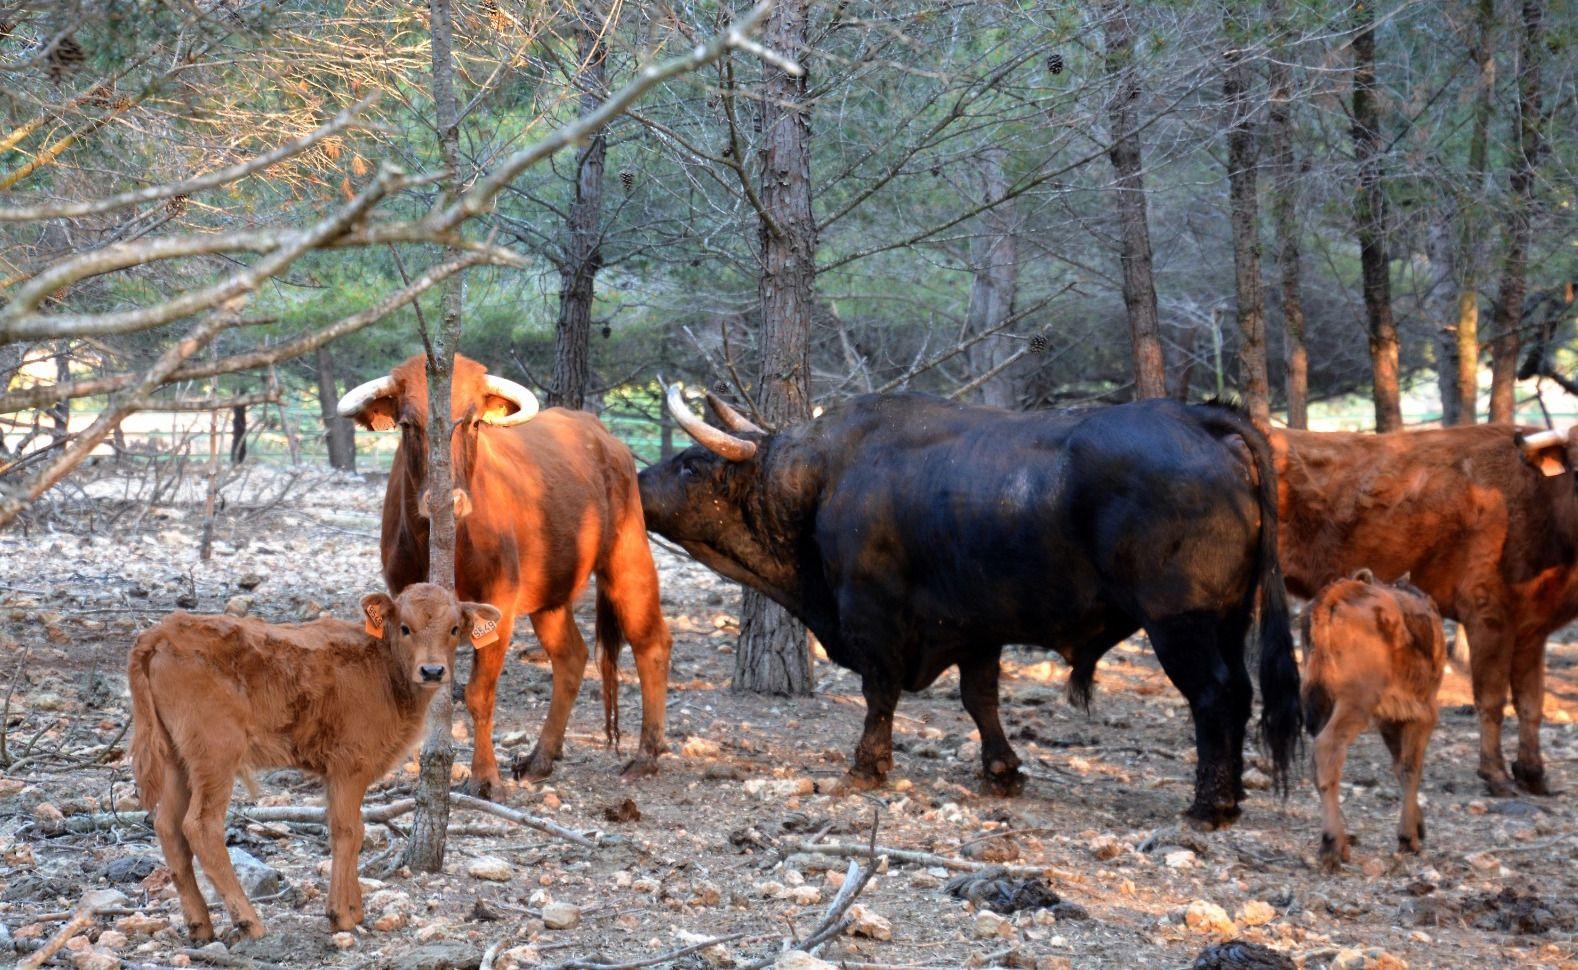 Naturaleza y plenitud: así viven los toros de la ganadería de Daniel Ramos